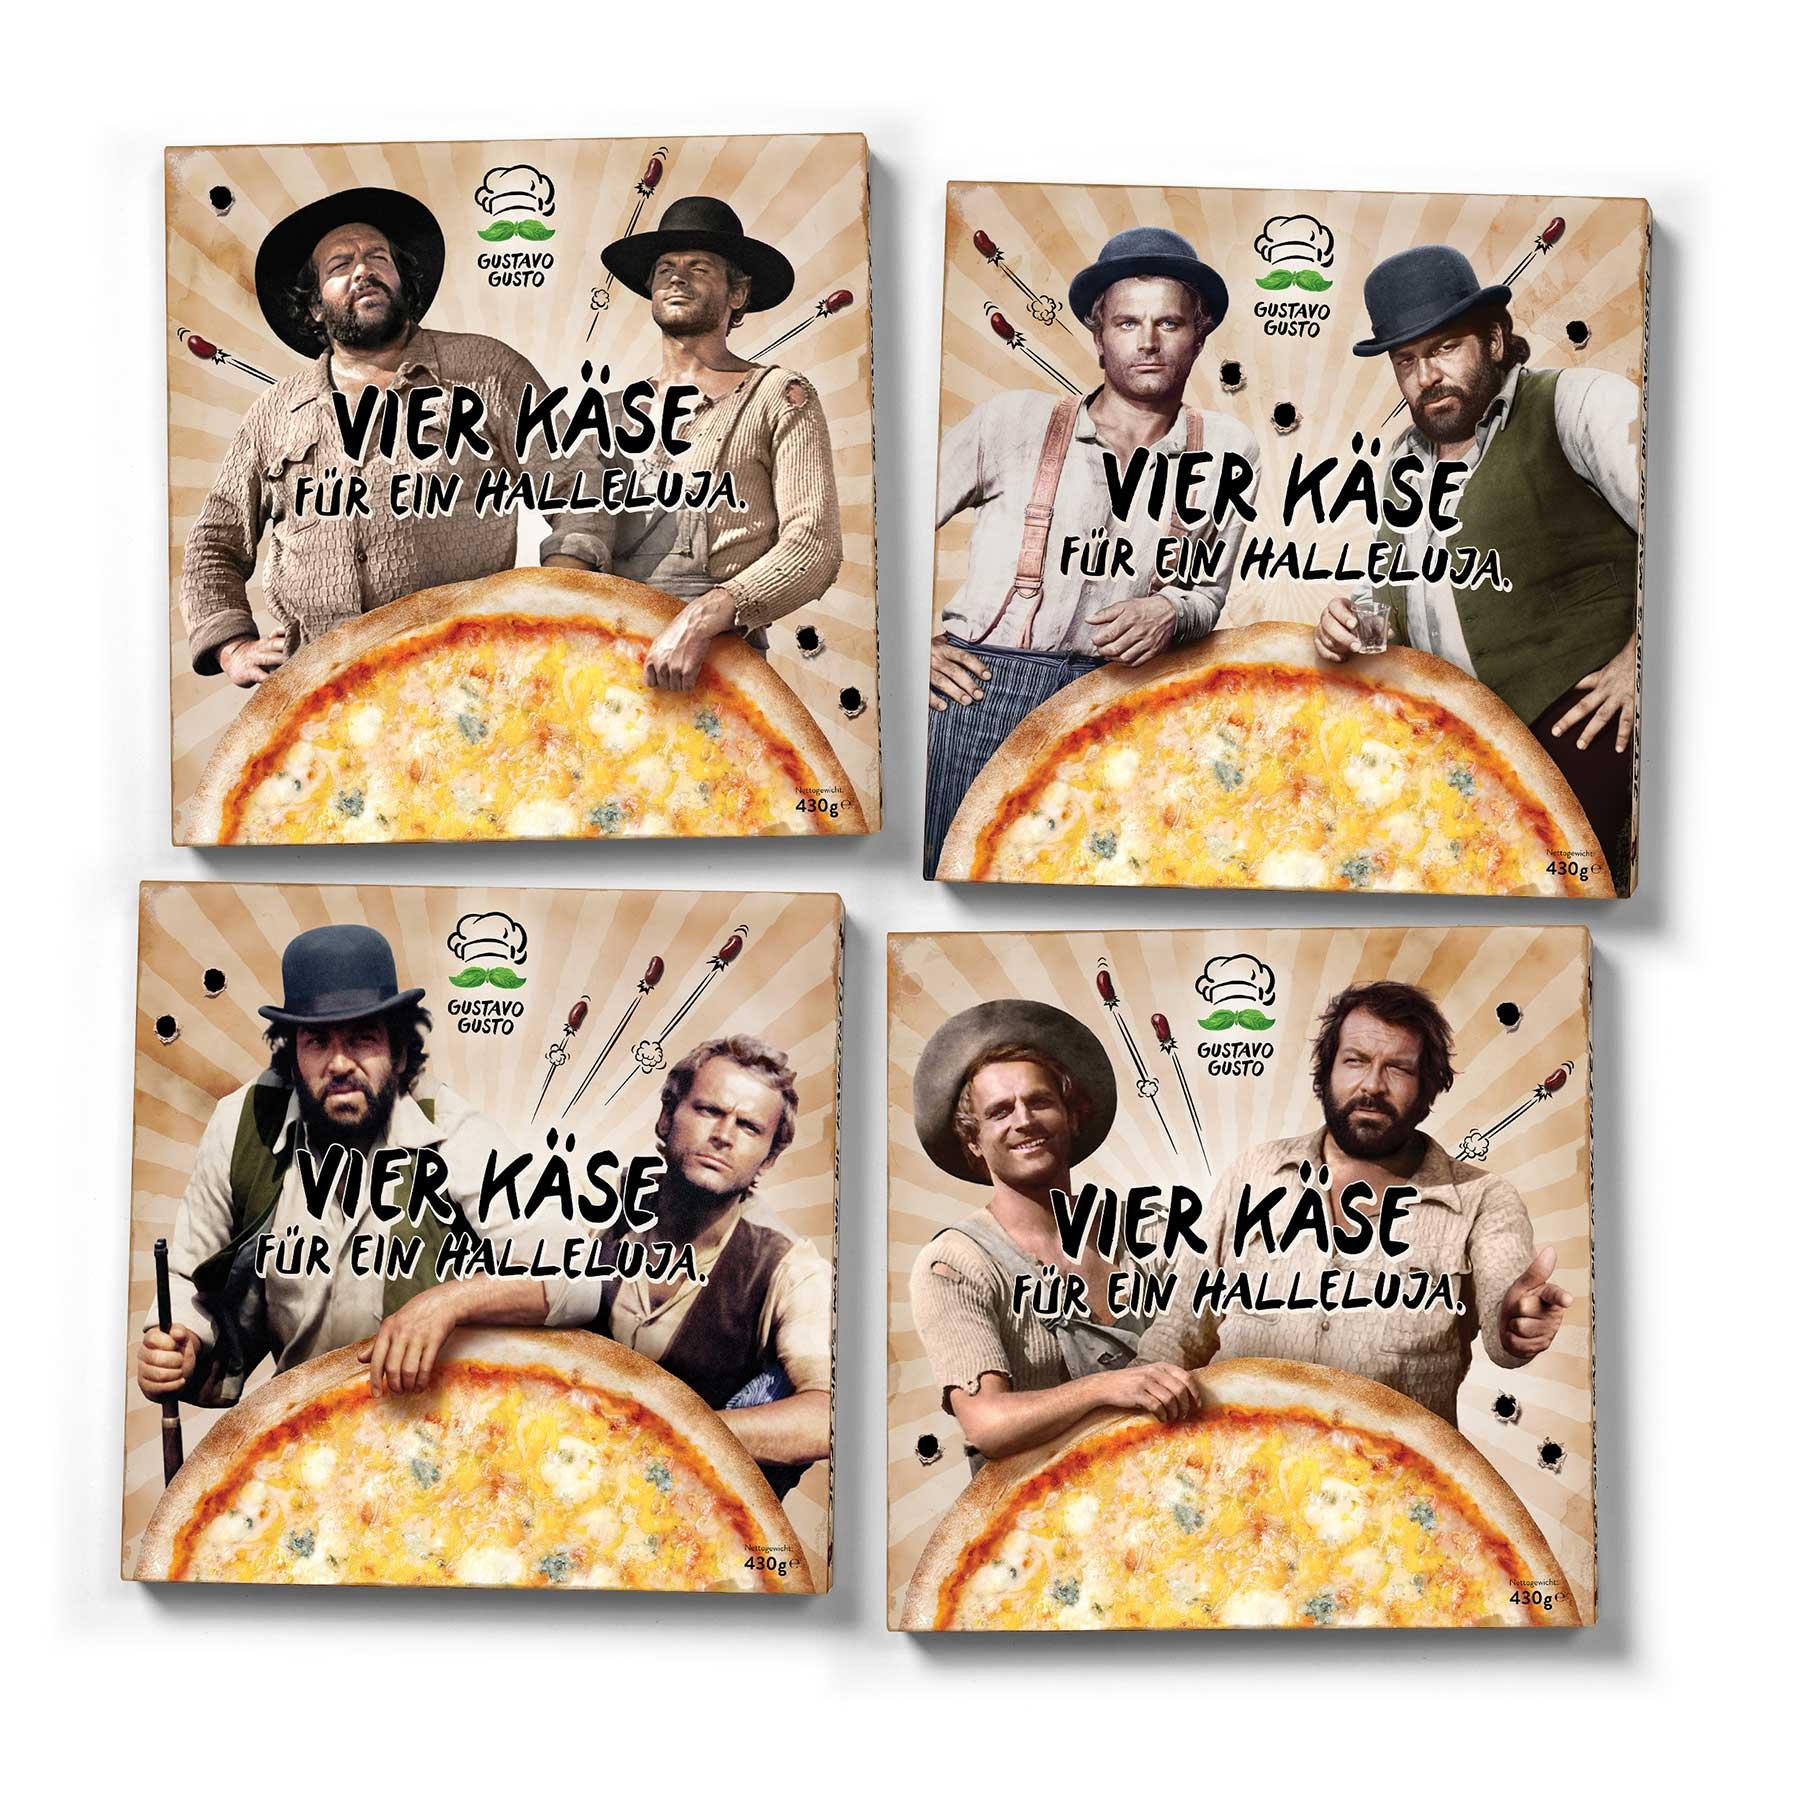 """""""Vier Käse für ein Halleluja."""" - Bud Spencer & Terence Hill Pizza von Gustavo Gusto im Test vier-kaese-fuer-ein-halleluja-packs"""